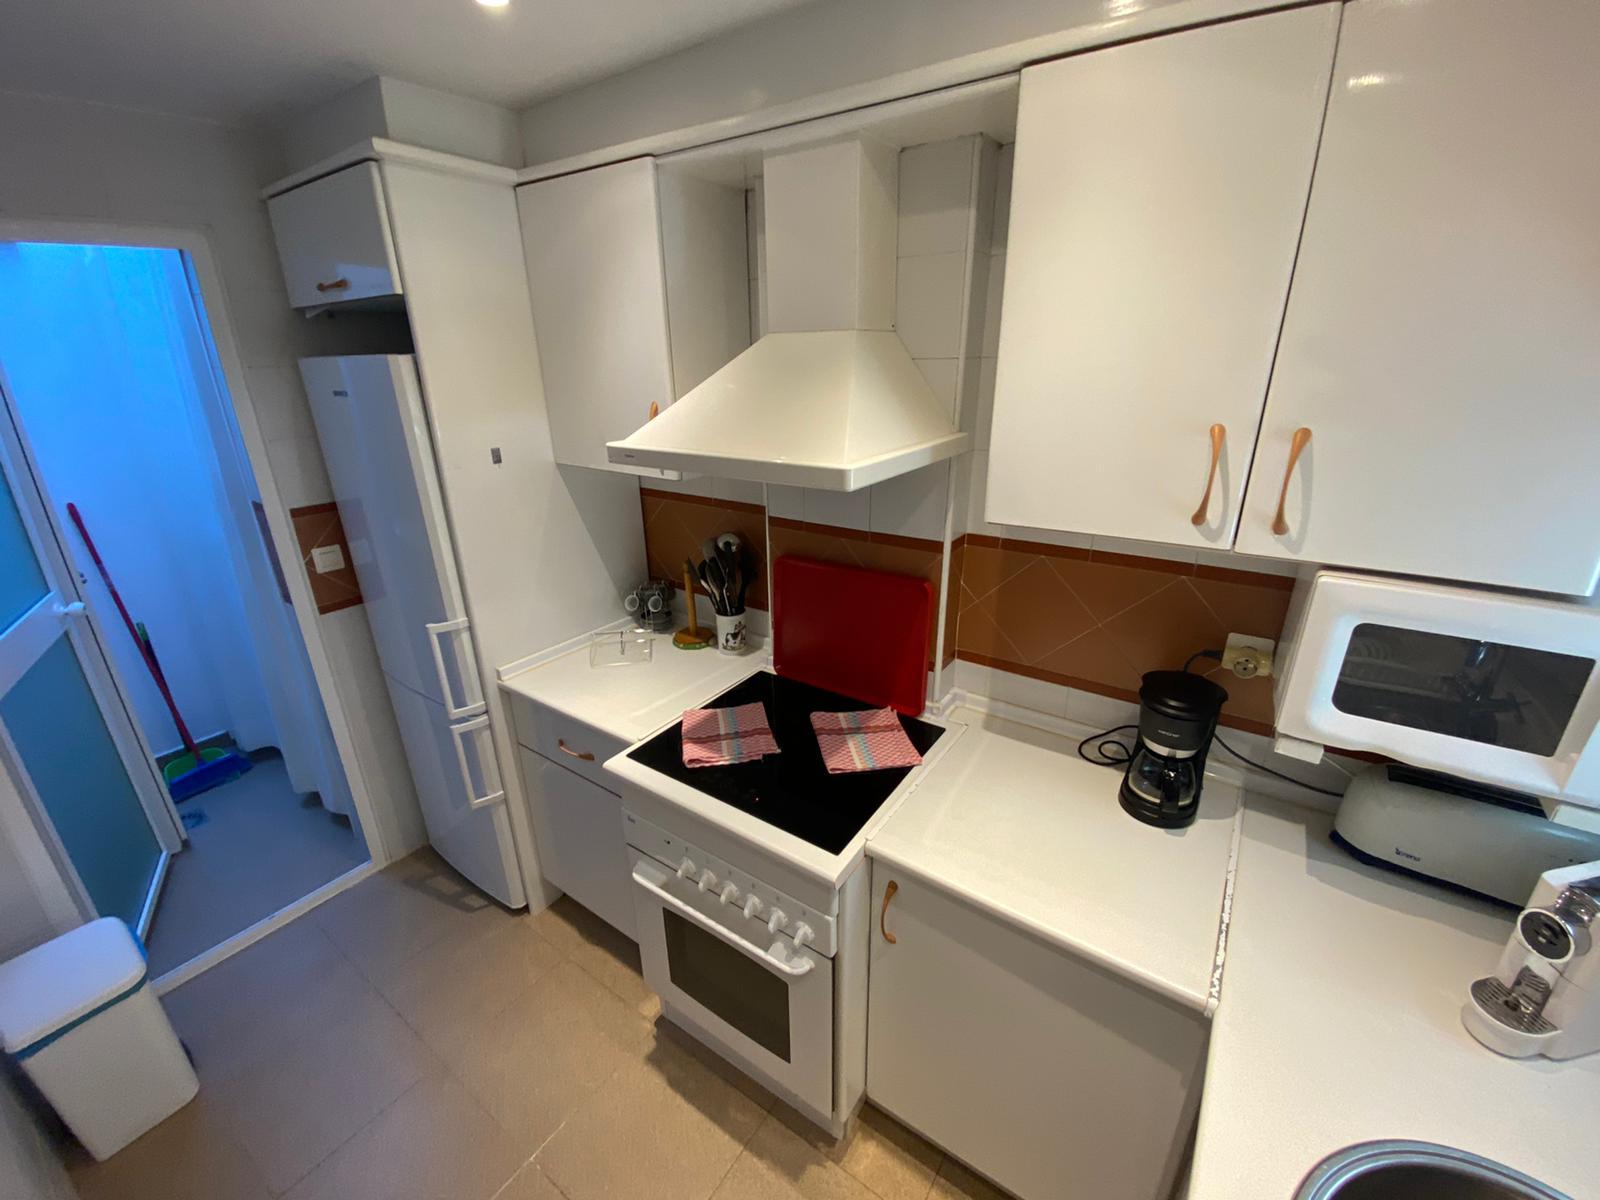 Imagen 15 del Apartamento Turístico, Ático 4 Levante, Frontal (4d+2b), Punta del Moral (HUELVA), Paseo de la Cruz nº22